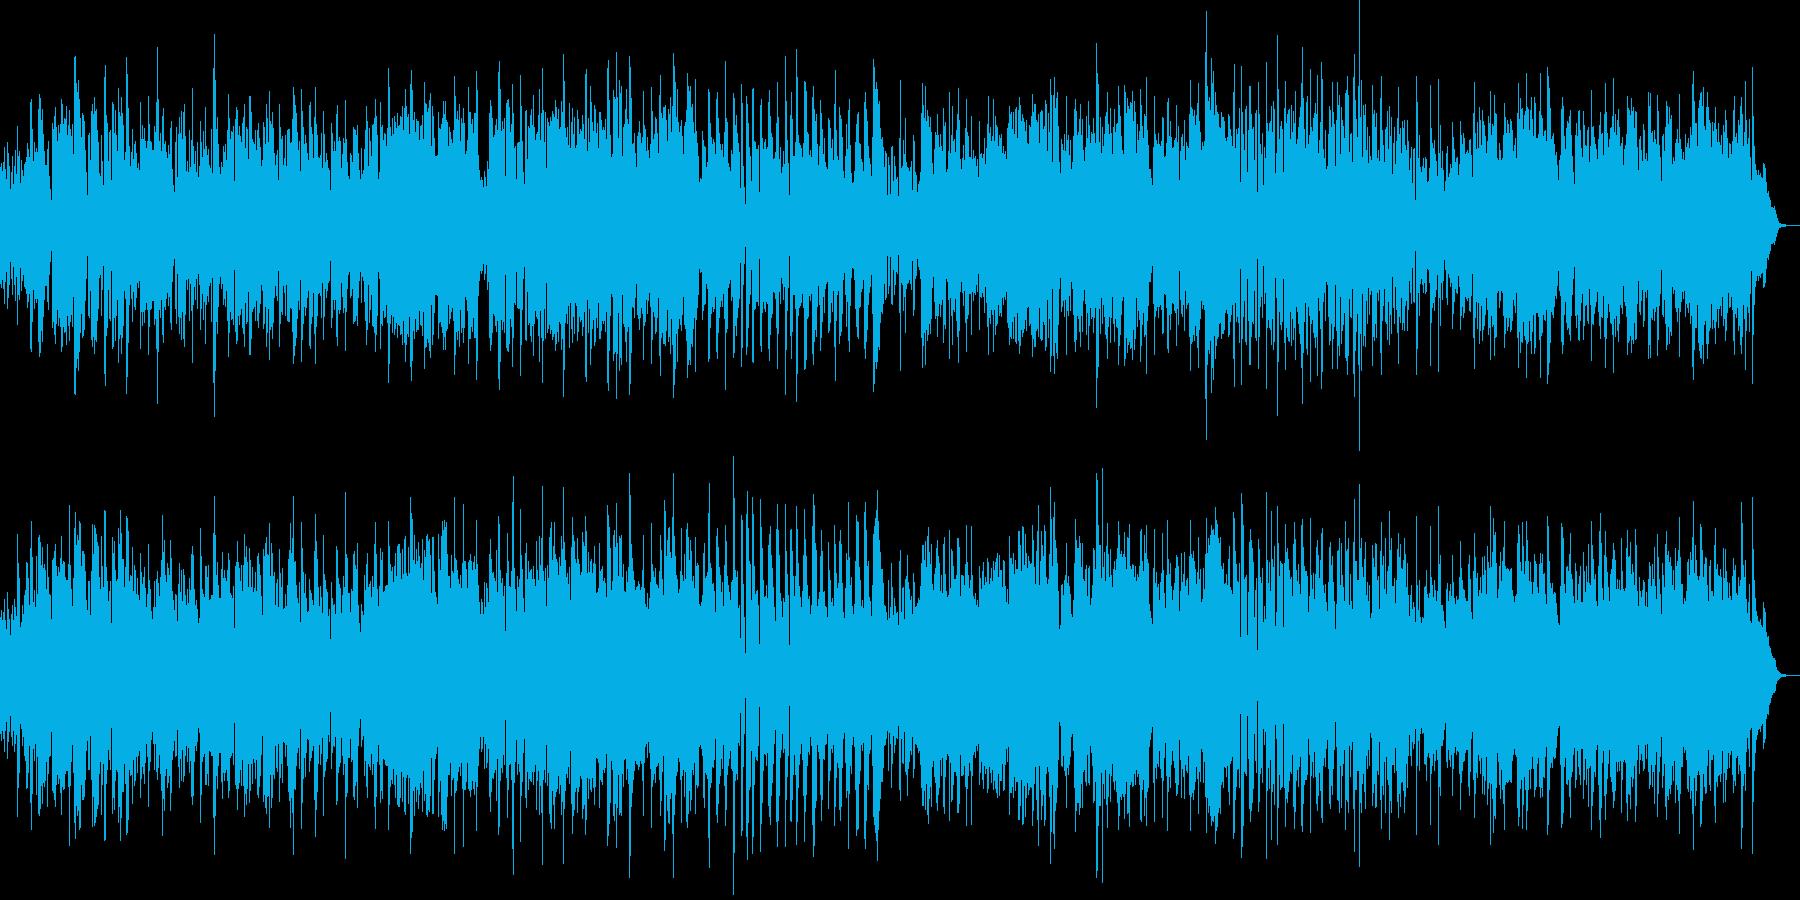 バンドネオンが激しい・ピアソラ調?な曲の再生済みの波形